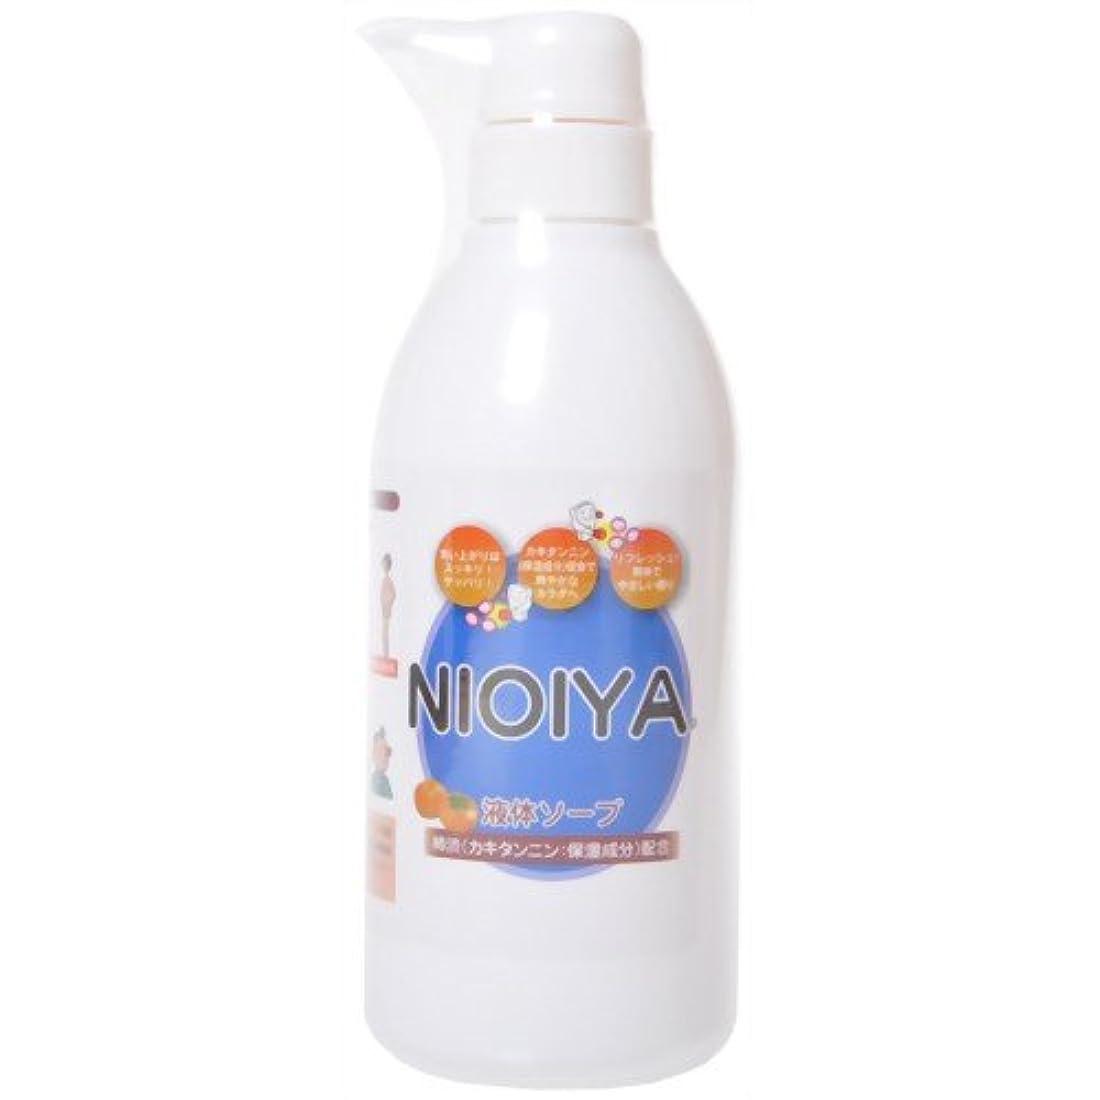 銀マルクス主義製油所NIOIYA 柿渋配合 液体ソープ 500ml